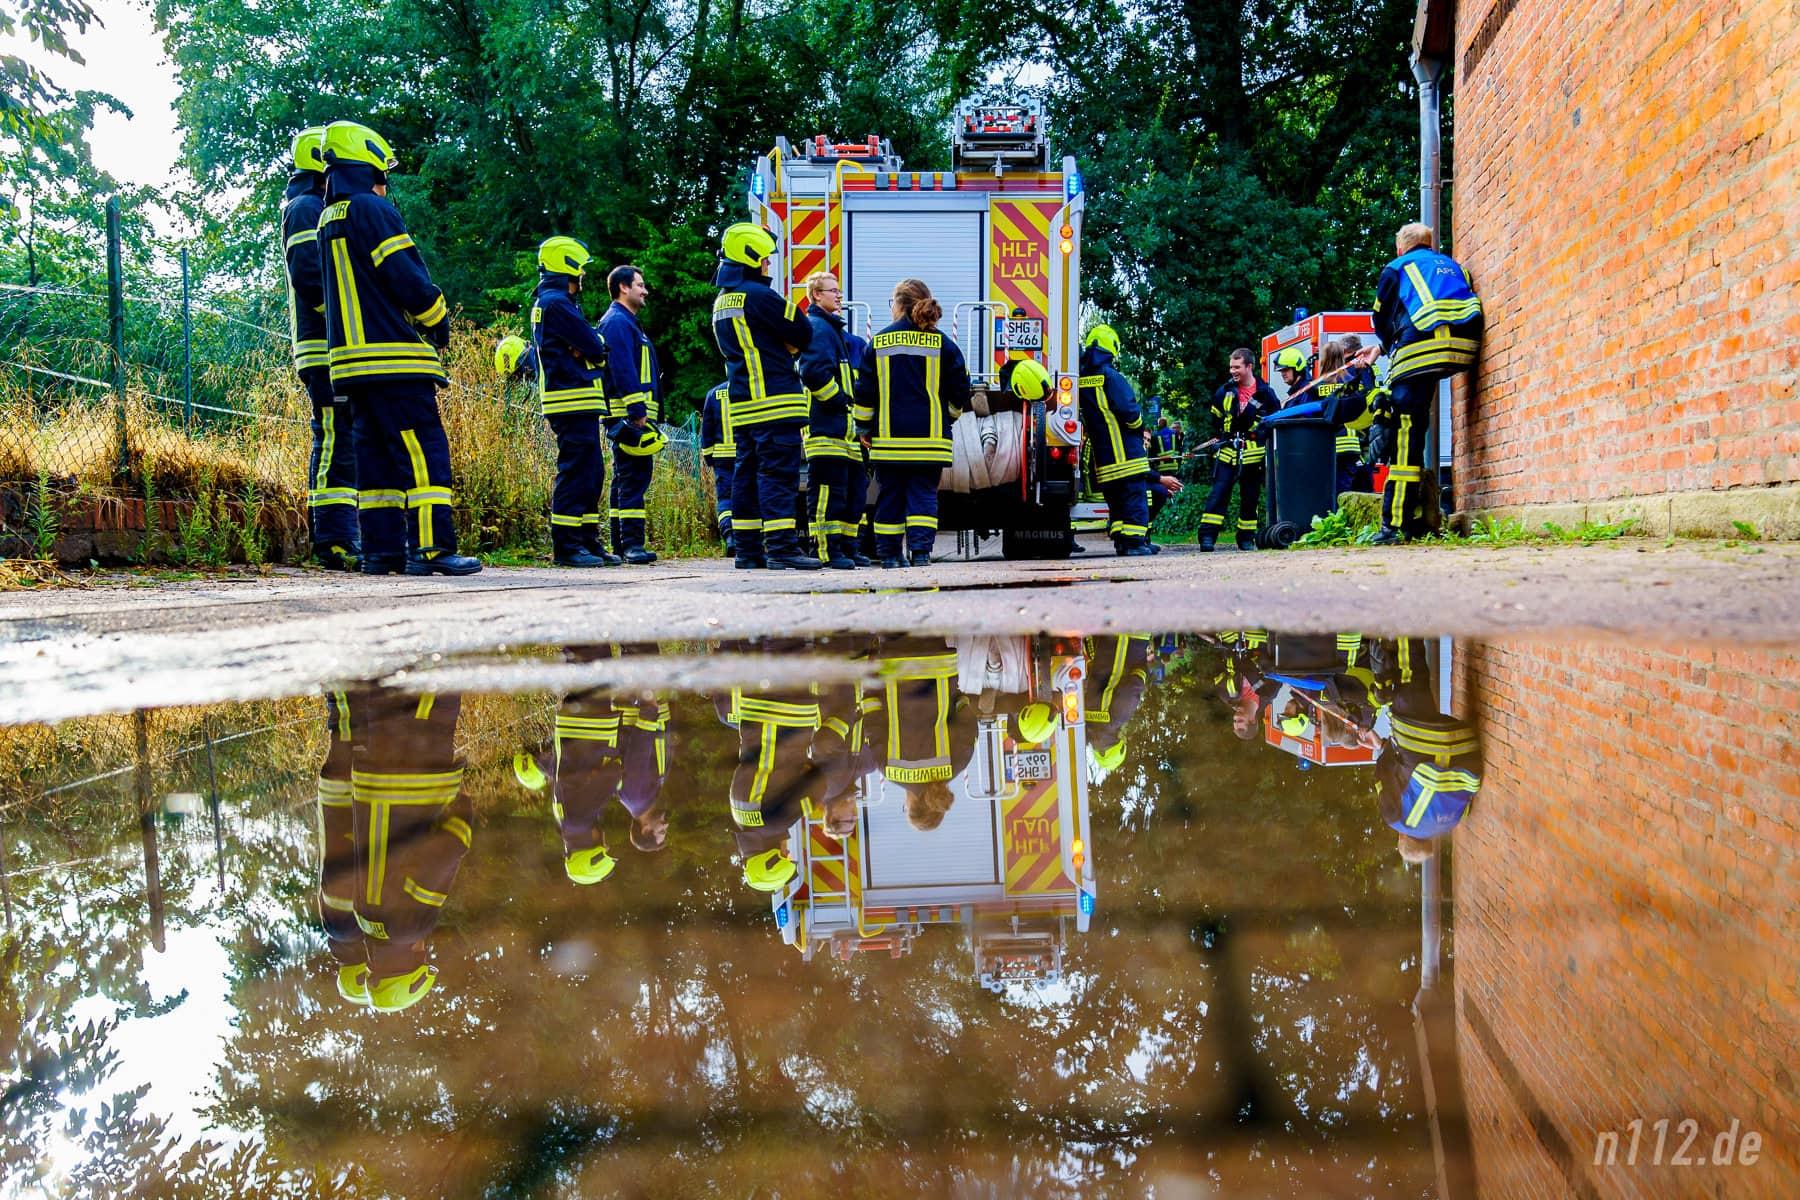 Warten auf den Einsatz: Ein Teil der 100 Feuerwehrleute (Foto: n112.de/Stefan Simonsen)